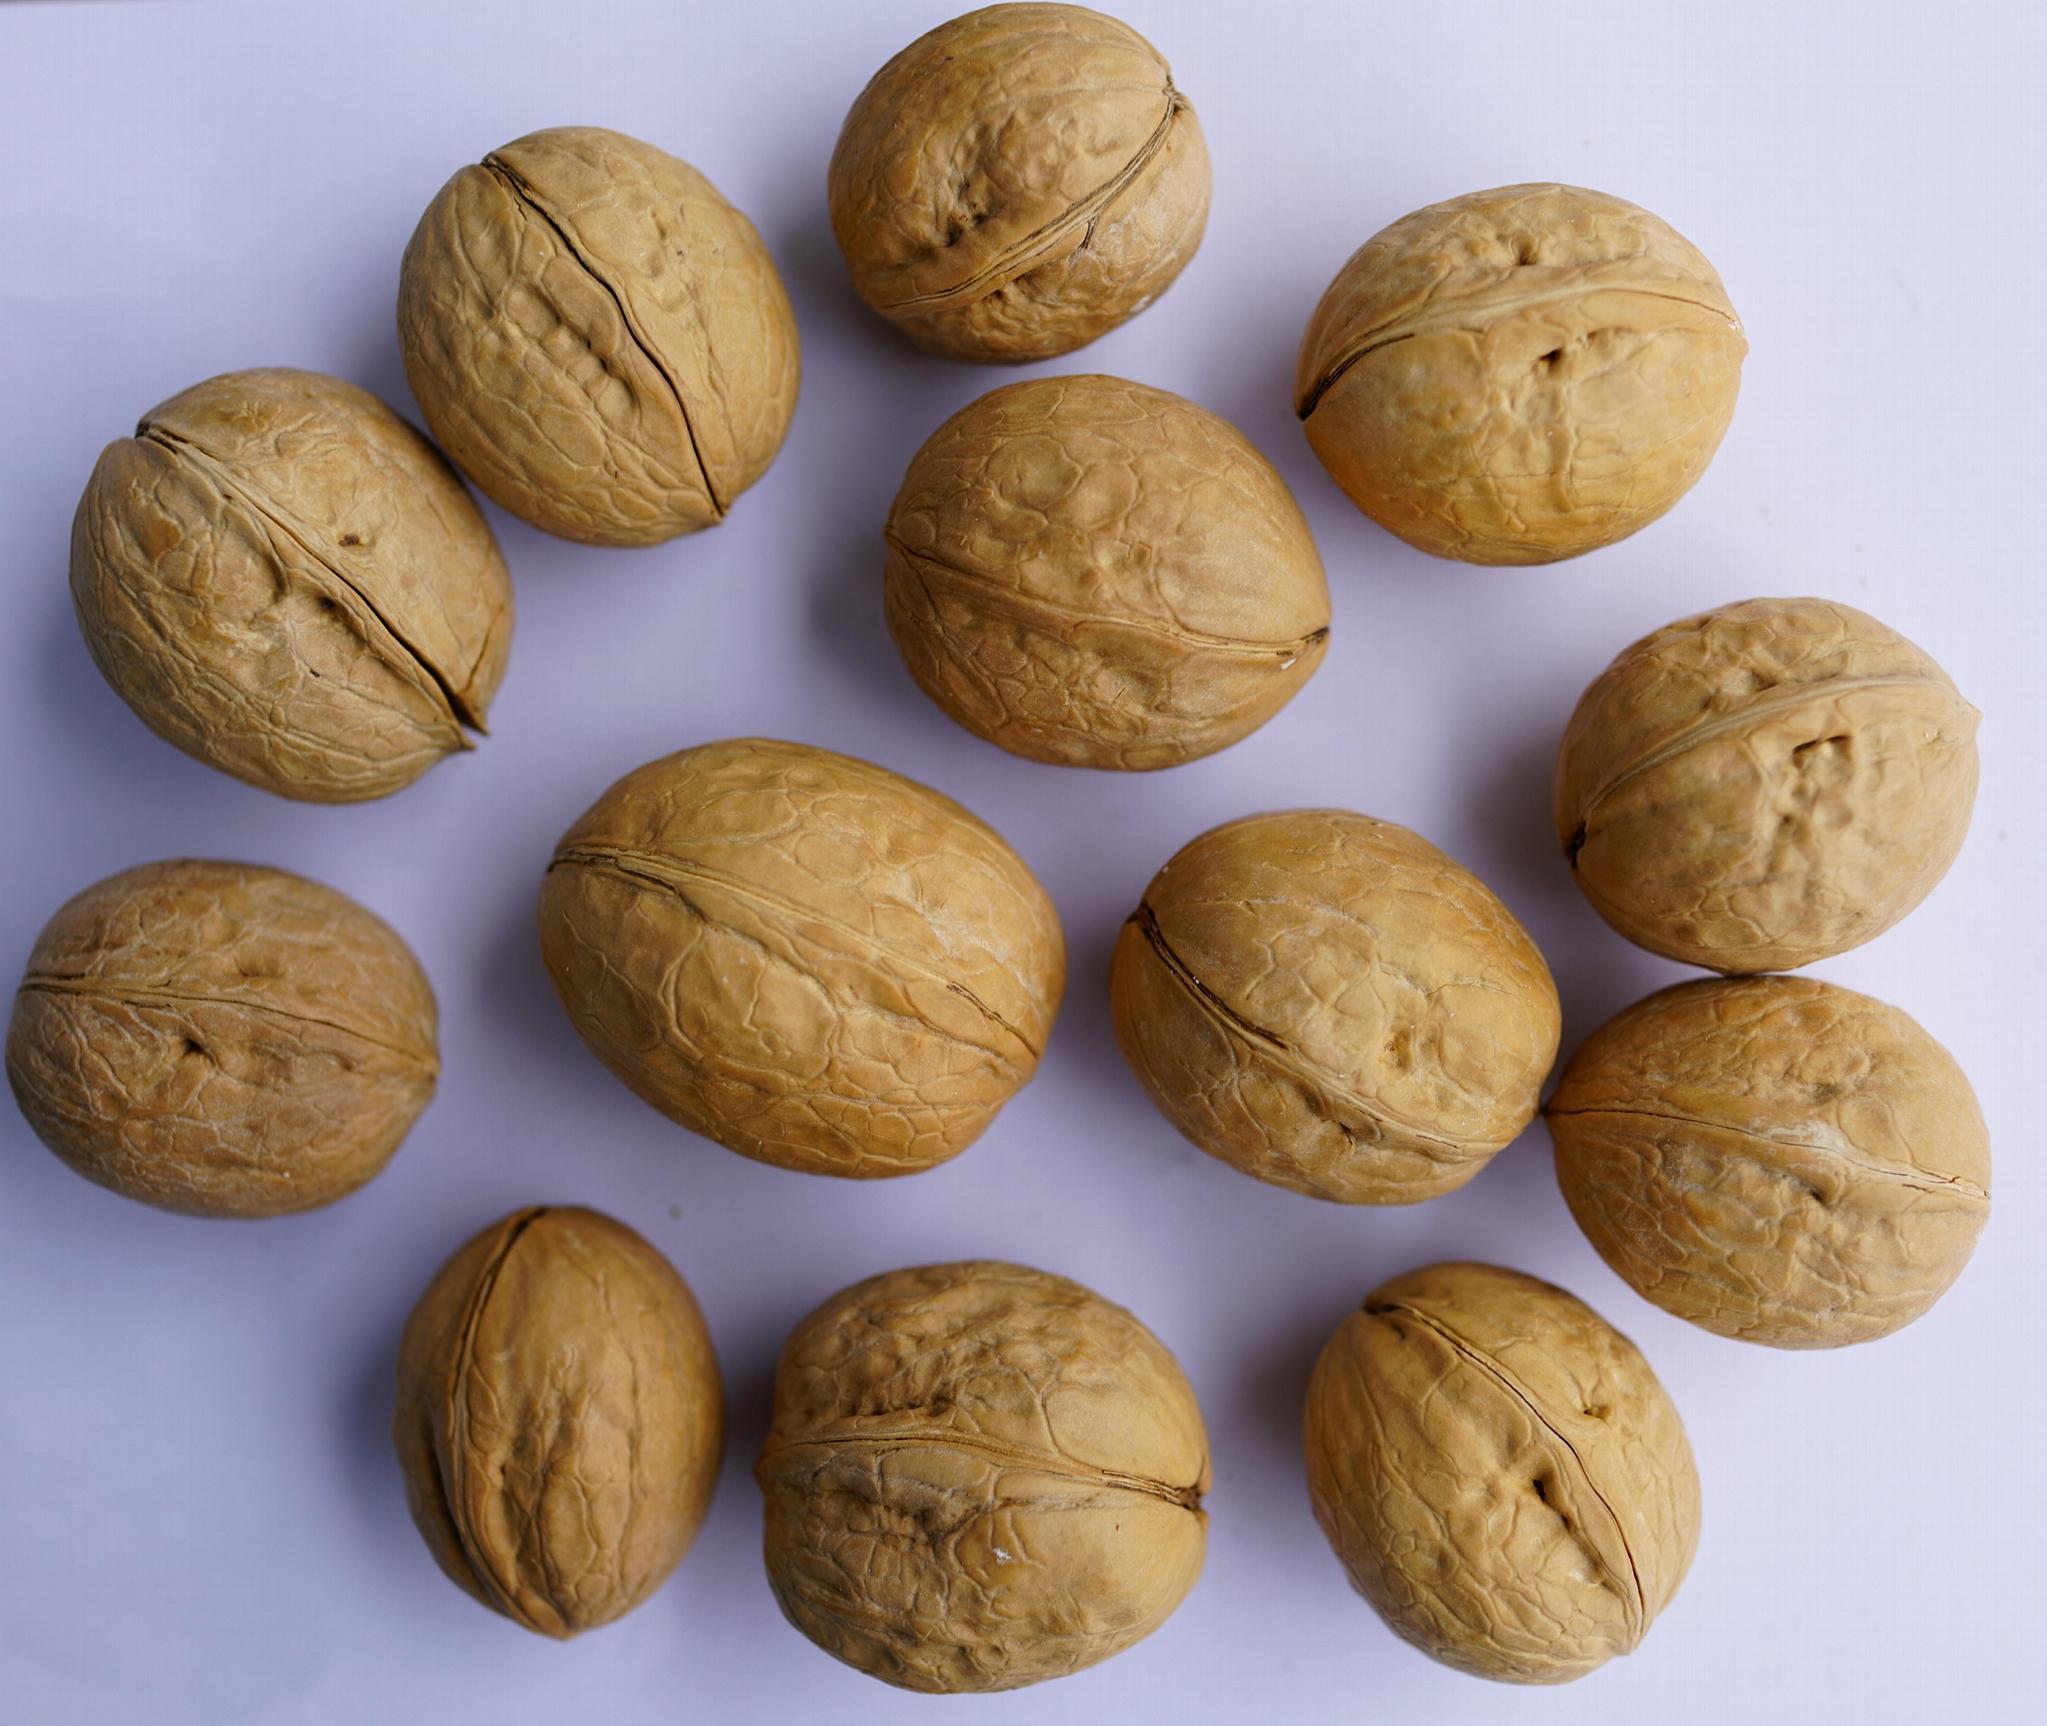 walnut inshell 1